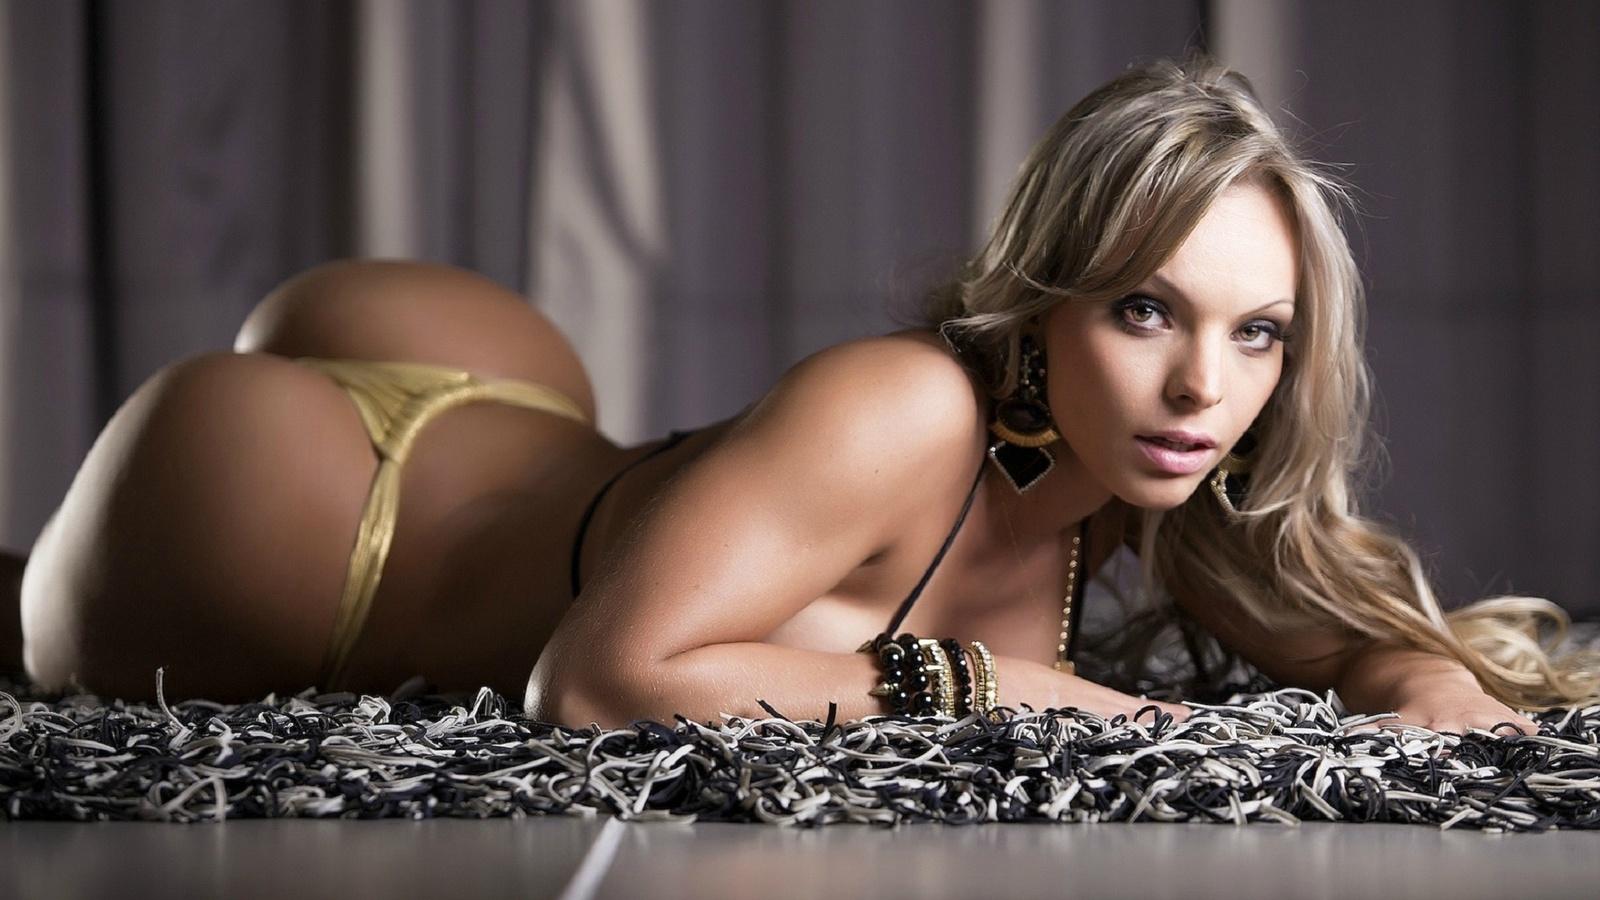 Самые сексуальные девушки всех времен, Самые красивые женщины всех времён по версии 1 фотография